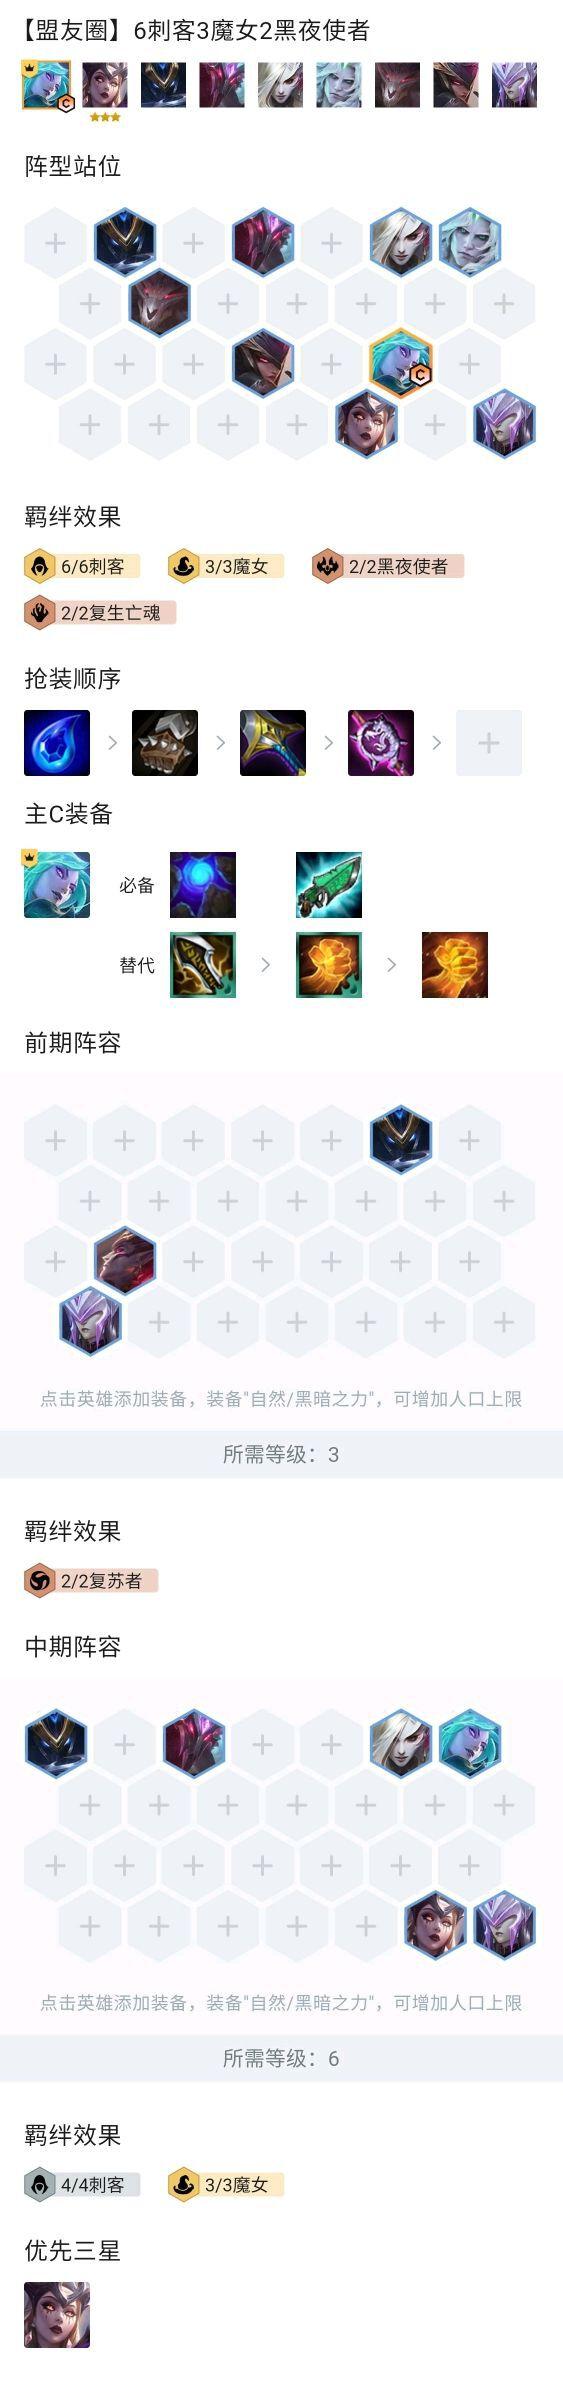 雲頂之弈-11.10版魔女卡特陣容運營思路 1